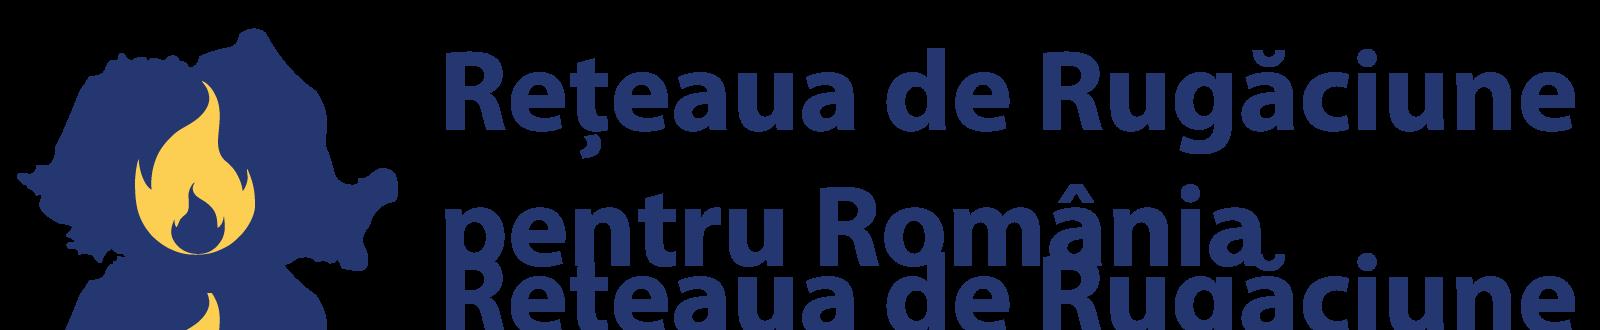 Rețeaua de rugăciune pentru România